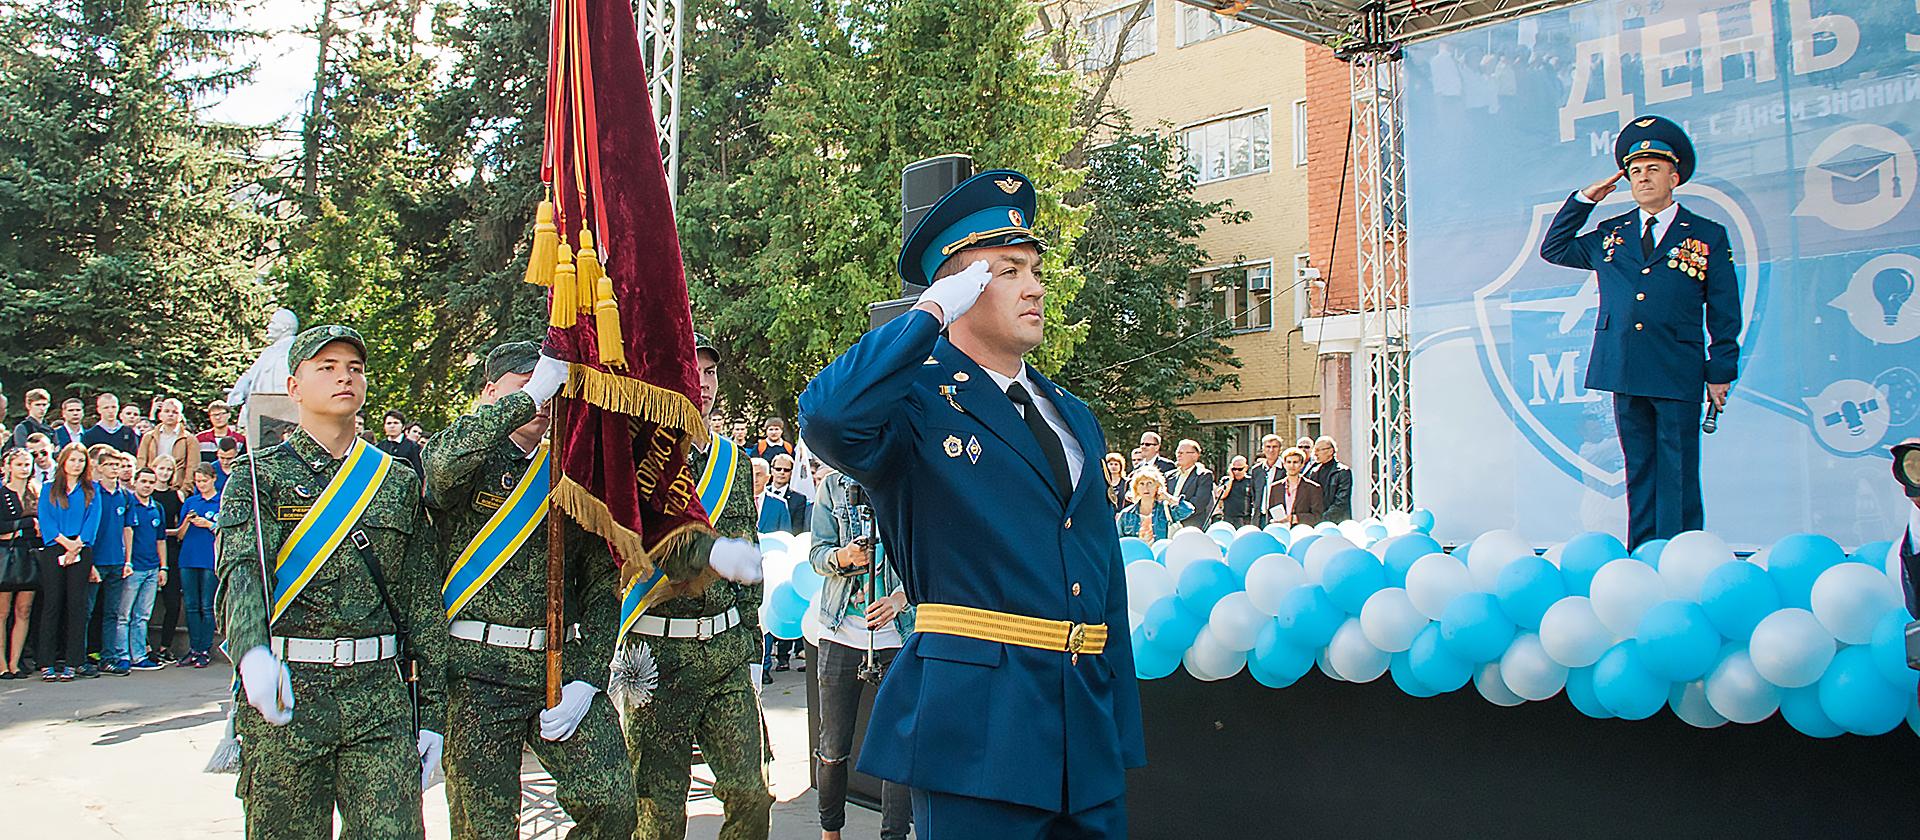 Директор Военного института МАИ: «Наши выпускники востребованы во всех силовых структурах»